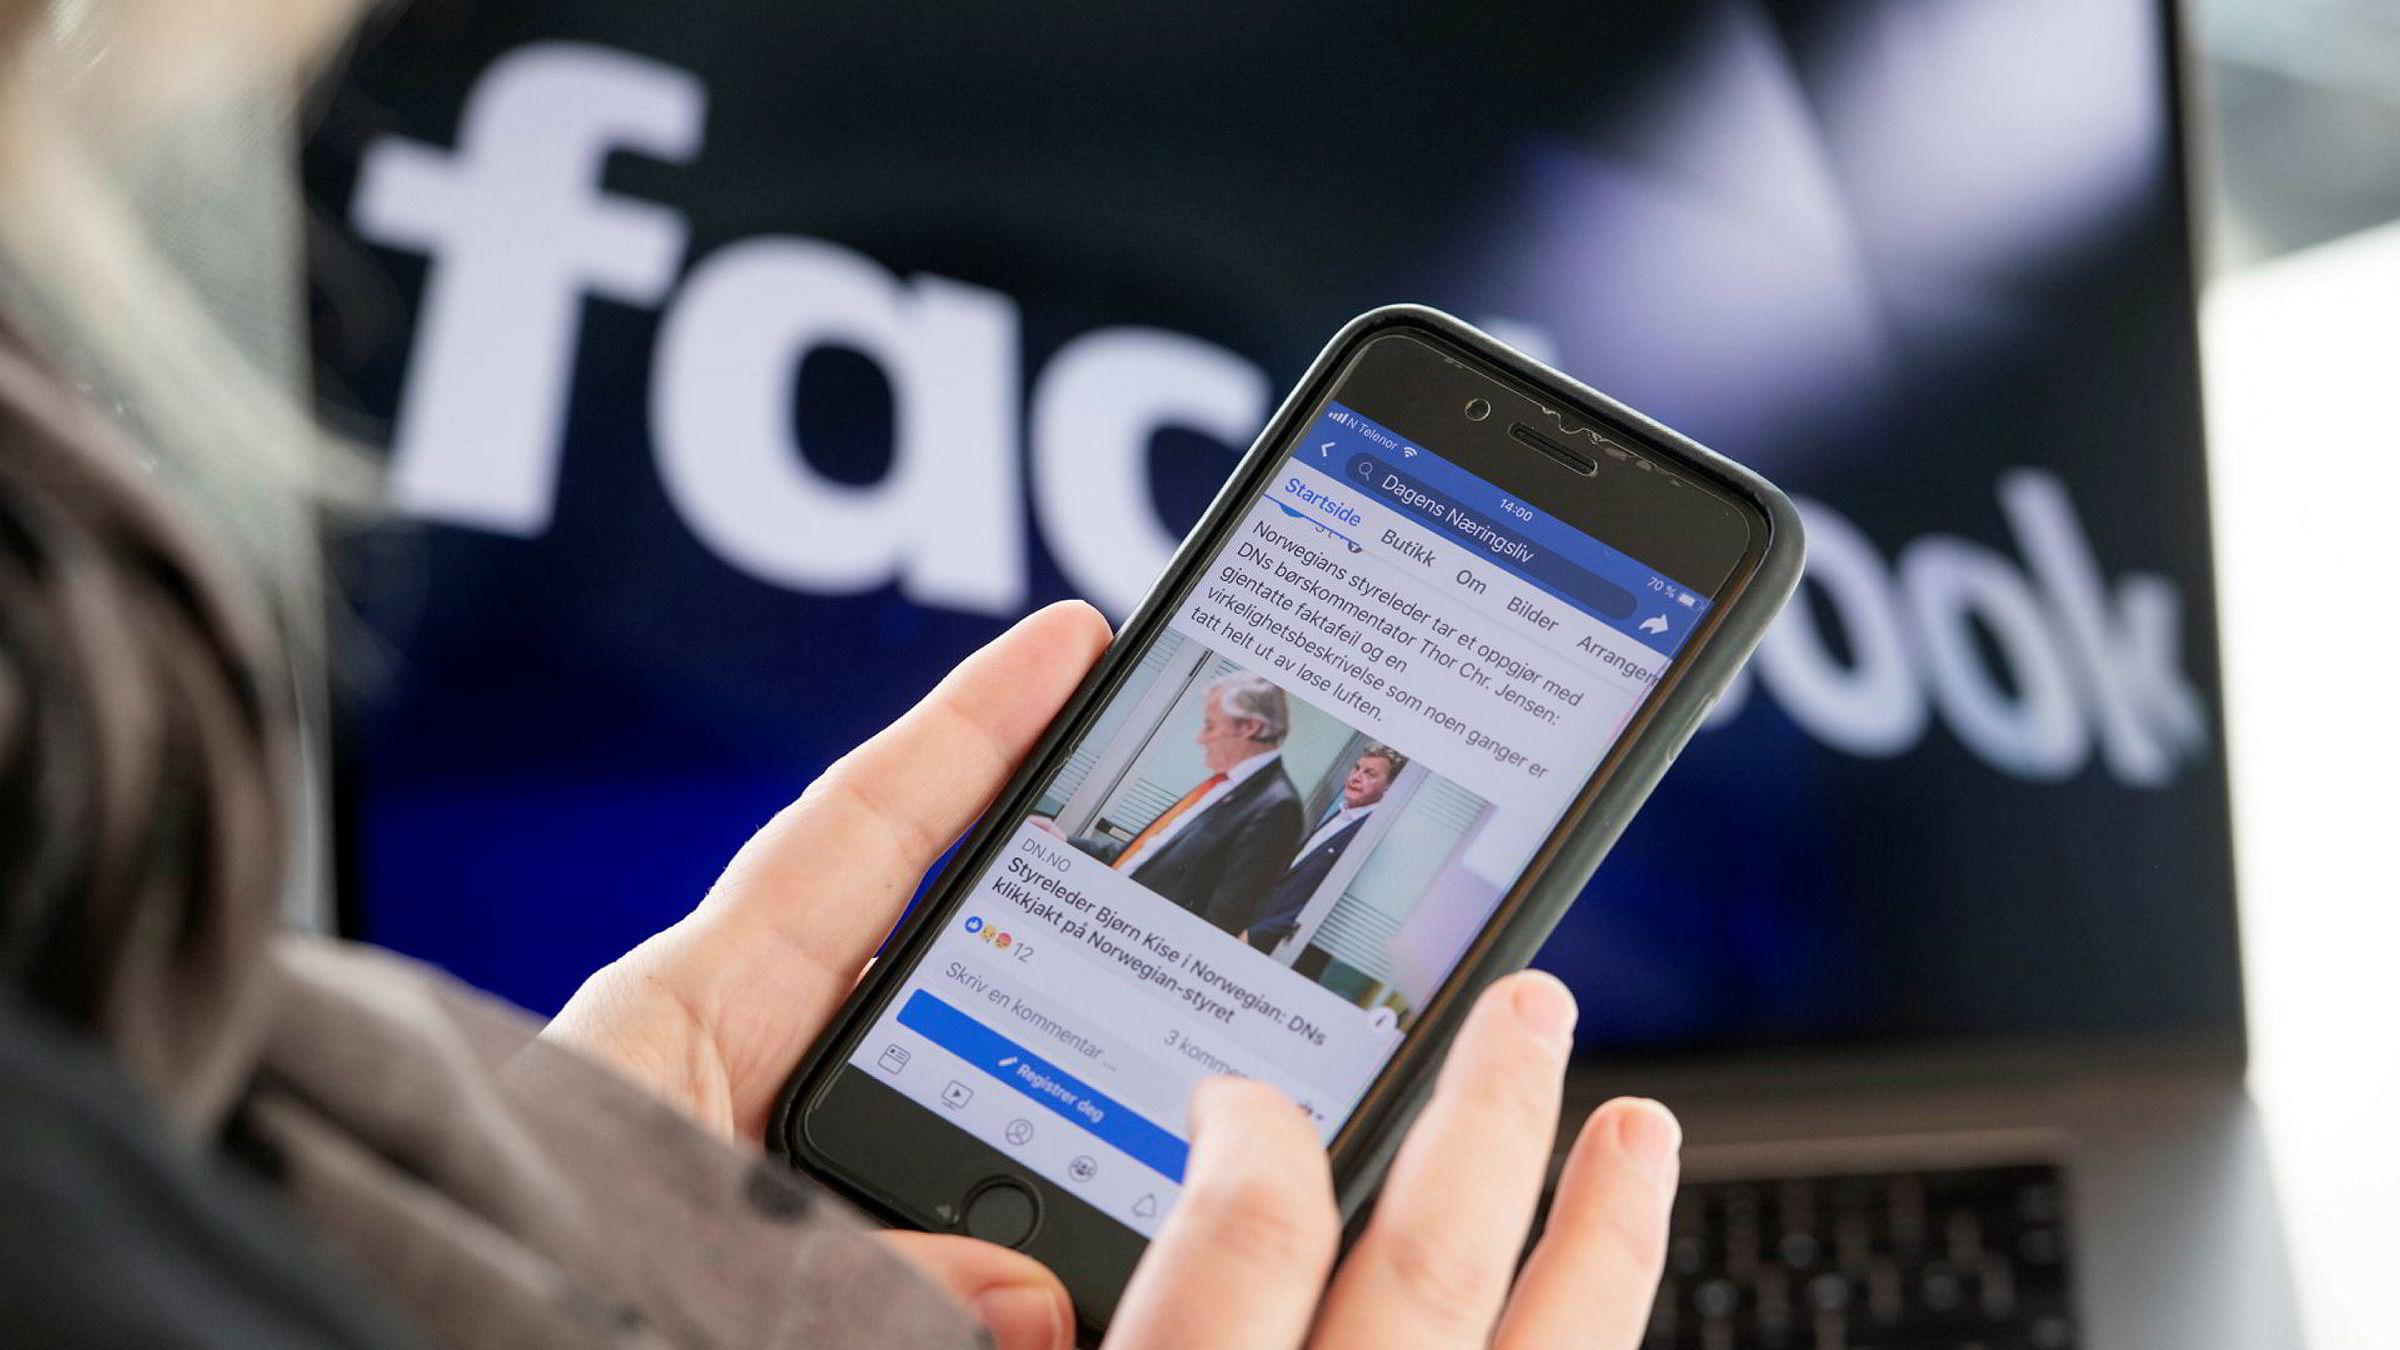 Facebook er episenteret for de falske nyhetene, skriver artikkelforfatterne.